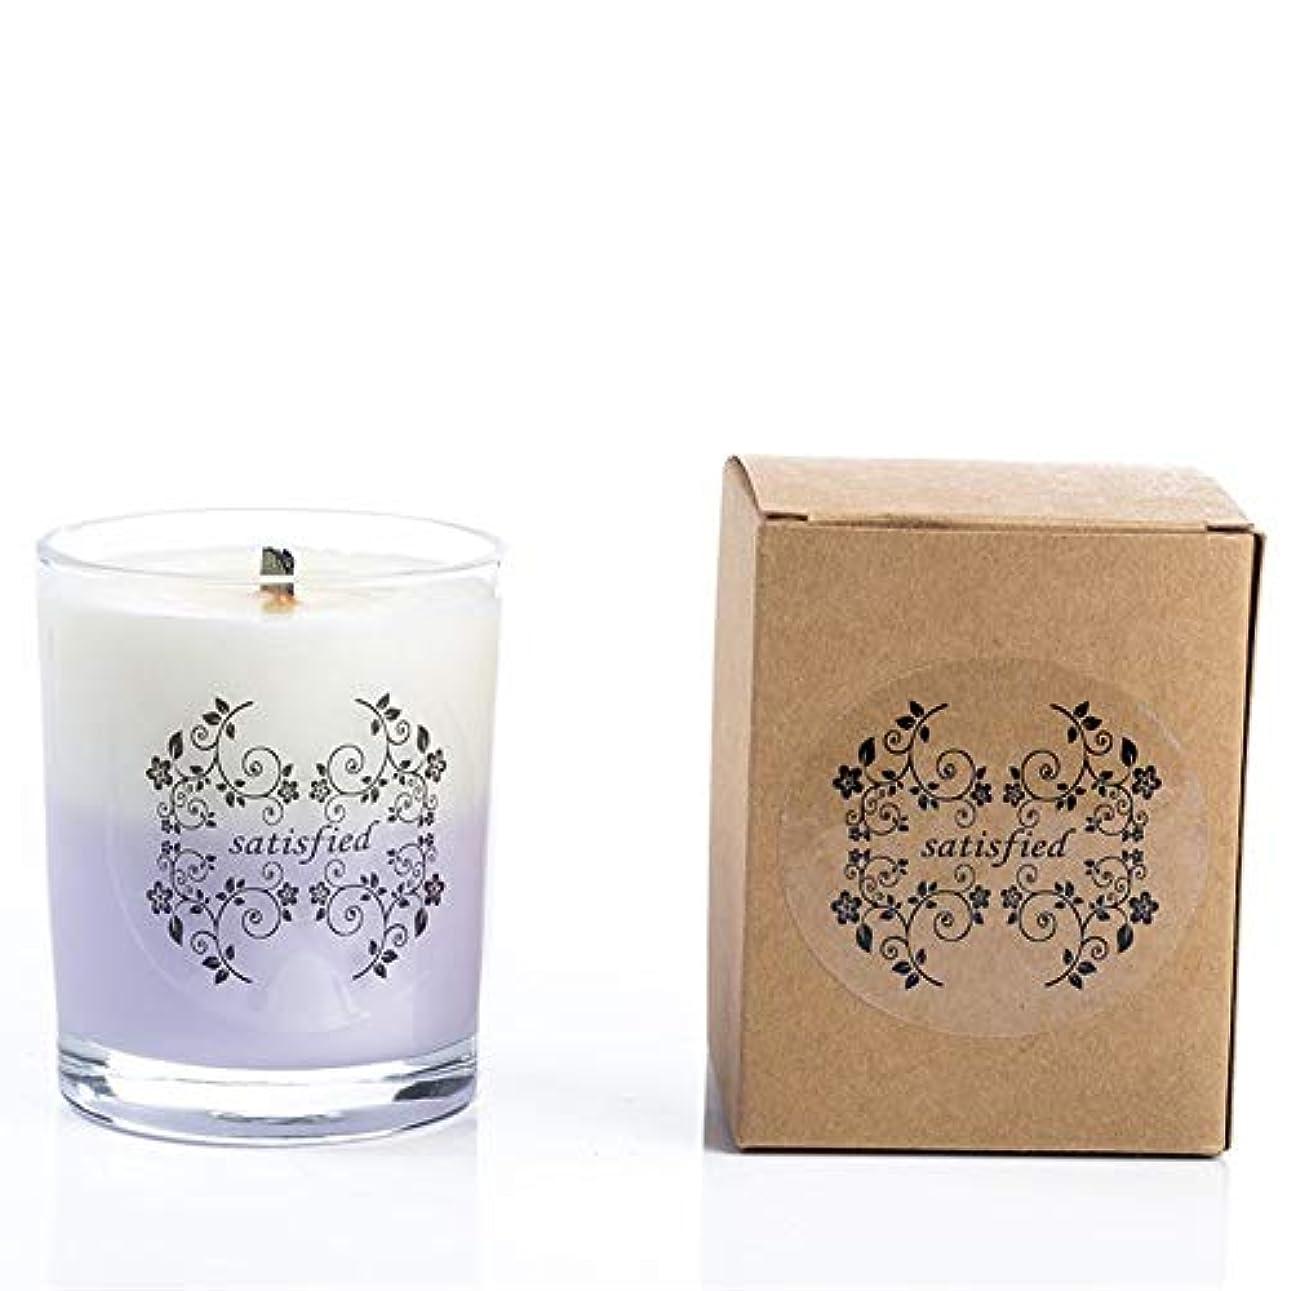 突然のそう抑圧者Guomao ガラスのツートンの香料入りの蝋燭のハンドメイドの無煙の香りの家の香料入りの蝋燭 (色 : Grapefruit)